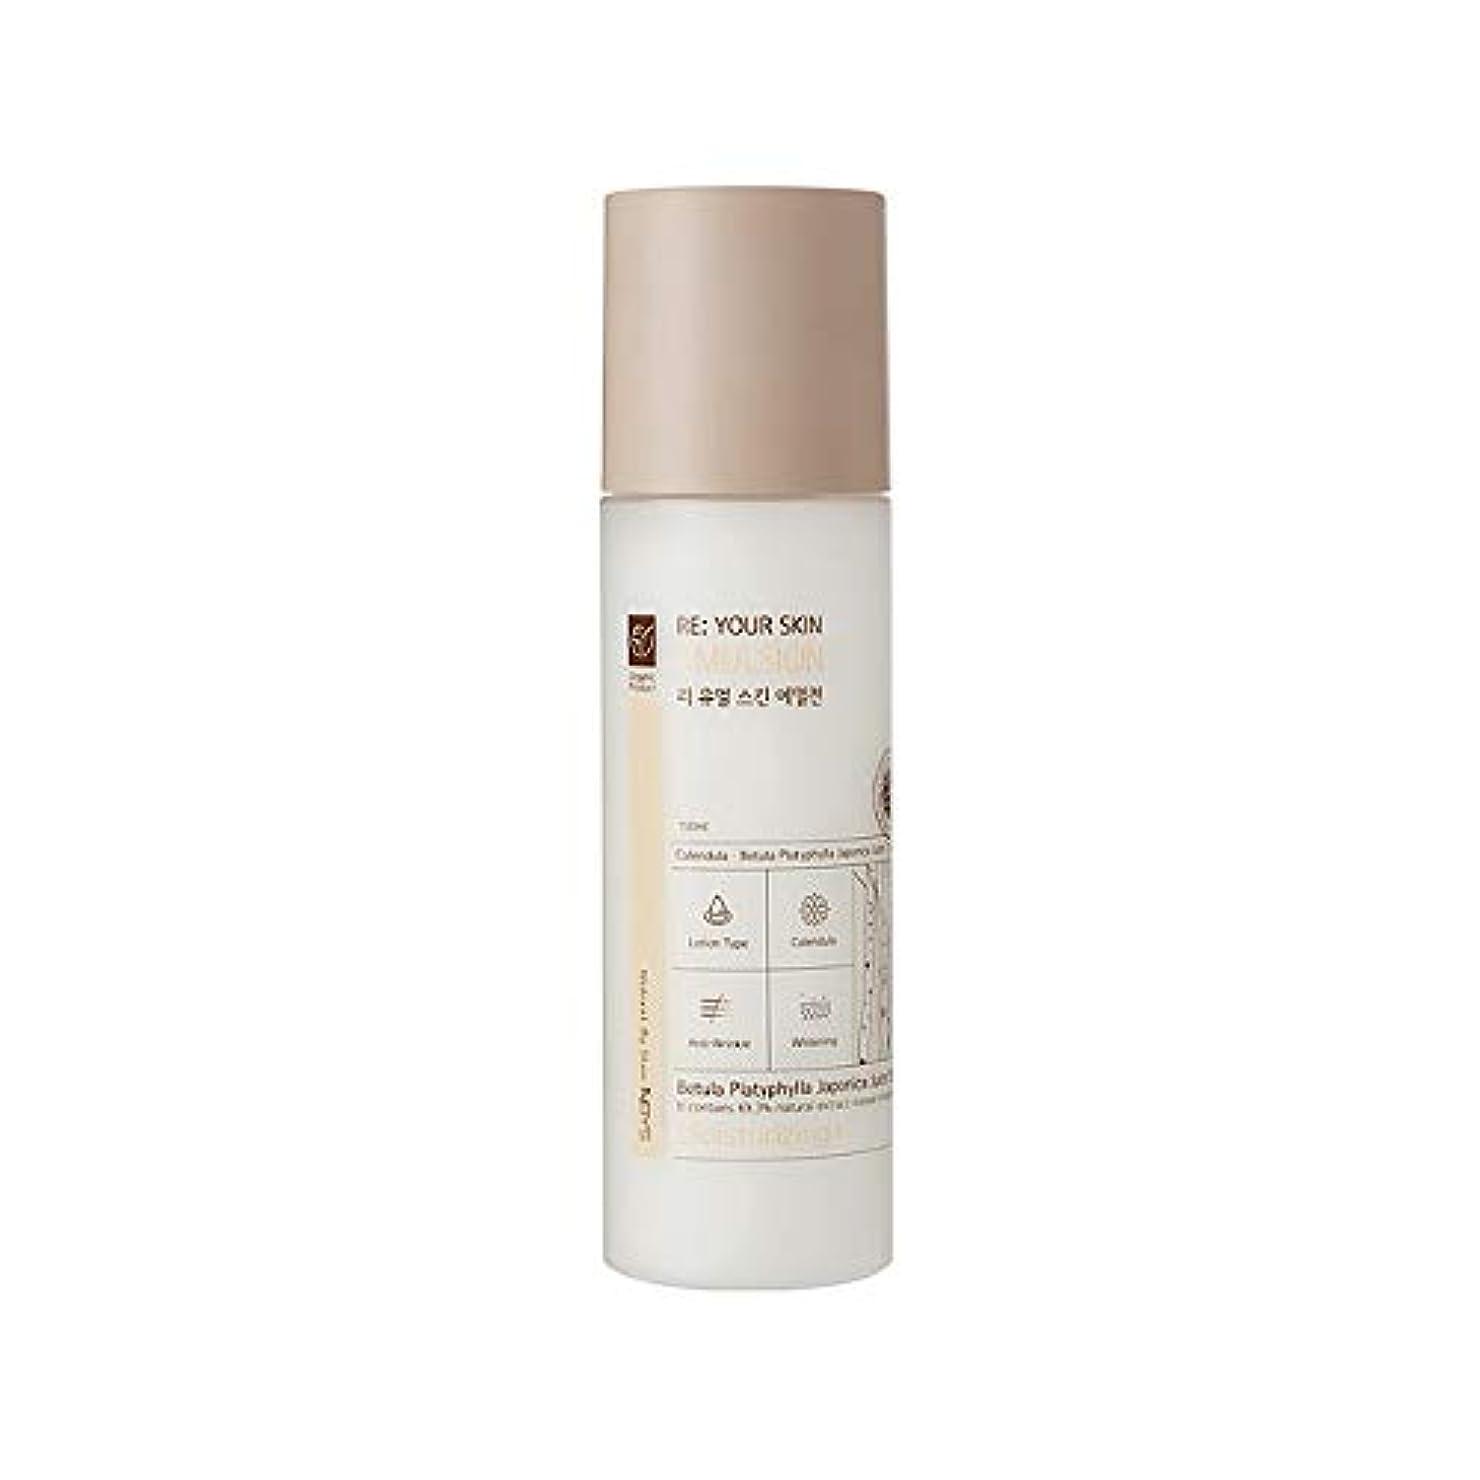 取り戻す休戦品[NBYS] RE Your Skin Emulsion 美容液 エマルジョン 150ml [並行輸入品]